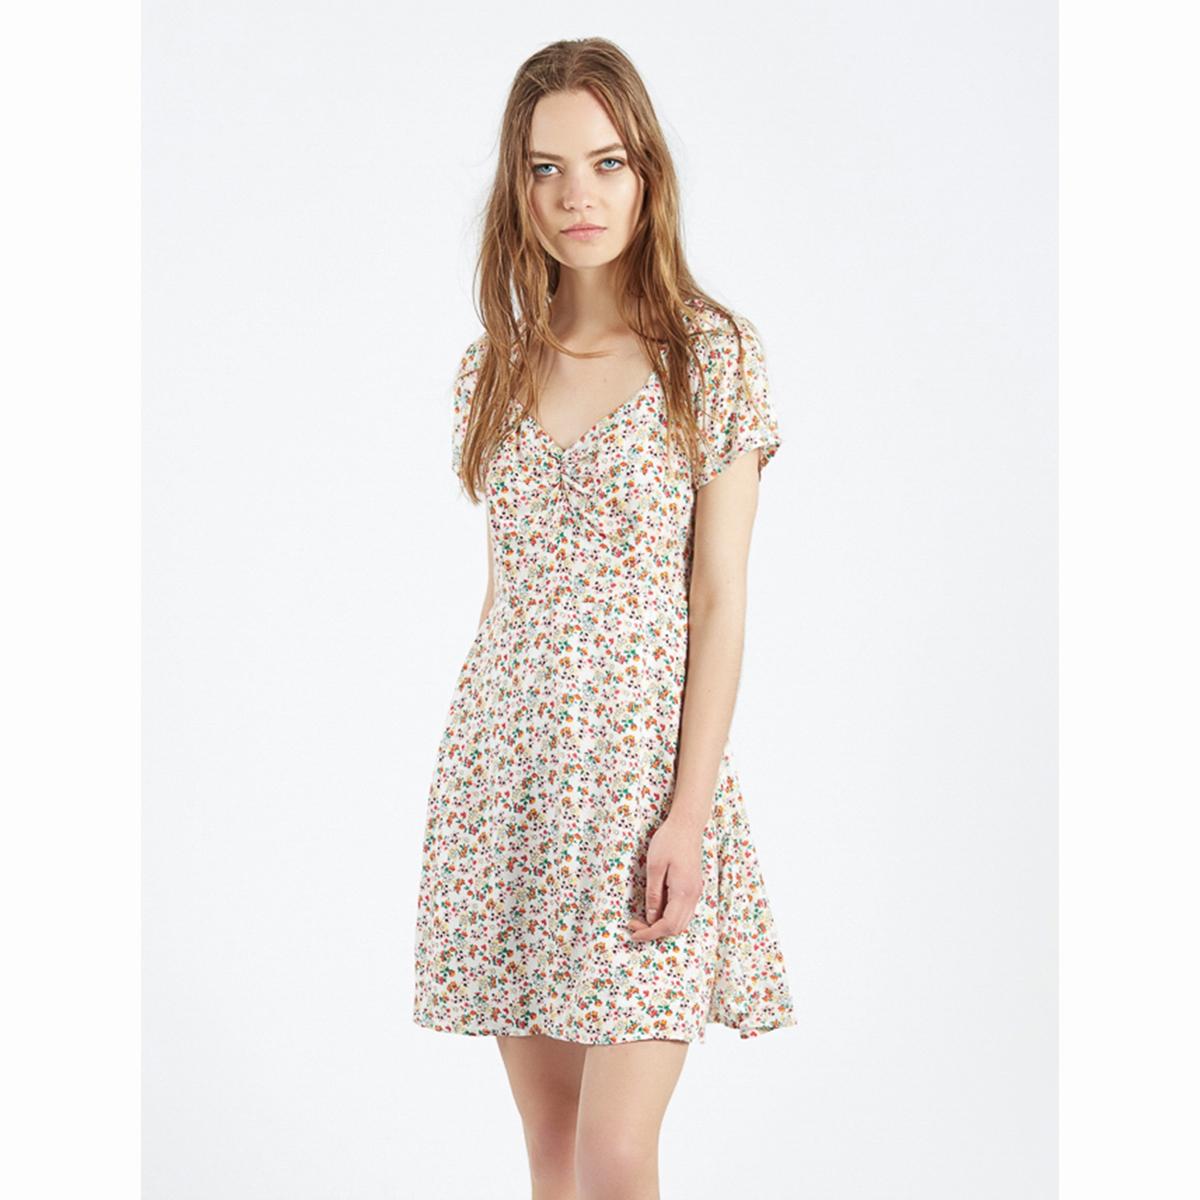 Платье с цветочным рисунком Vestido Alisha платье струящееся с рисунком